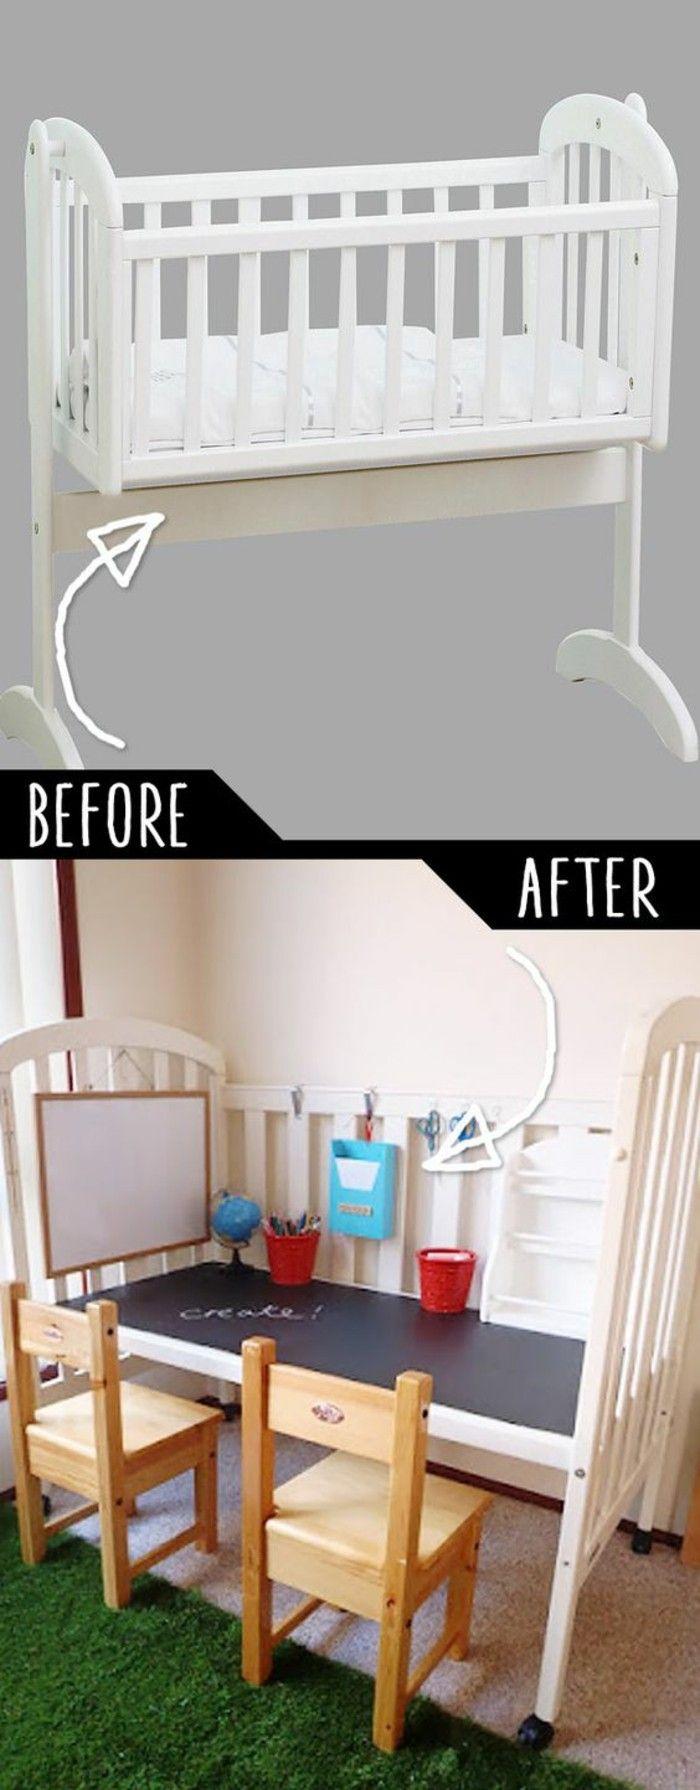 diy m bel ideen und vorschl ge die sie inspirieren k nnen selbst gemacht mobilier de salon. Black Bedroom Furniture Sets. Home Design Ideas